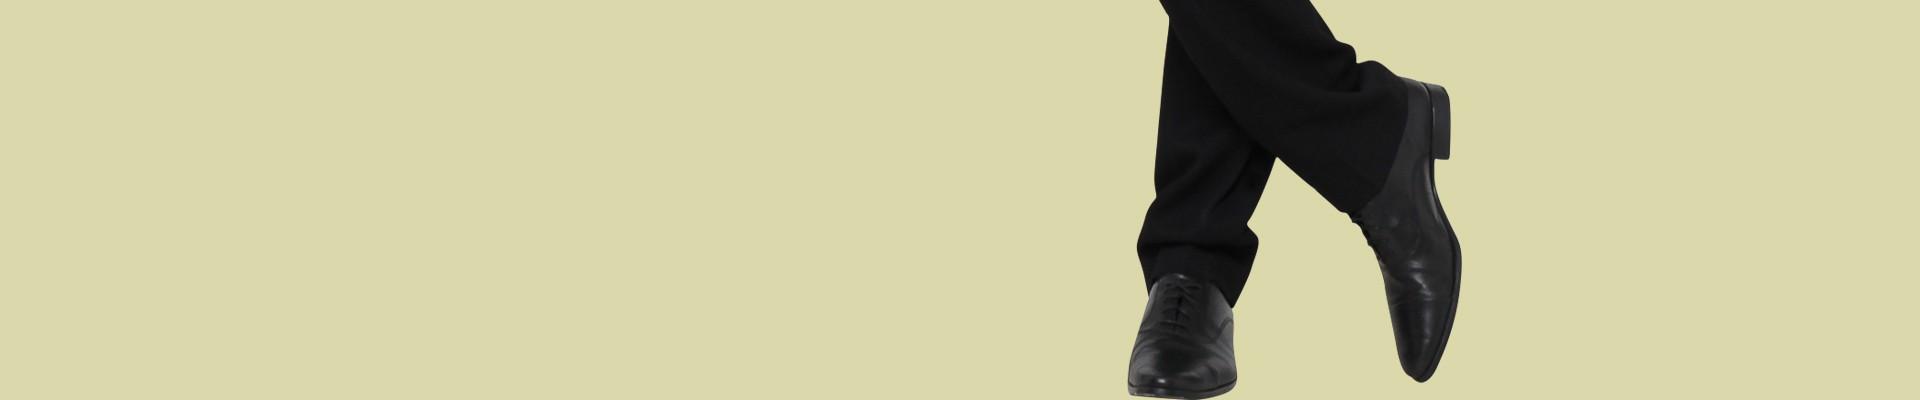 Jual Sepatu Pria / Laki Laki - Model Terbaru & Harga Murah